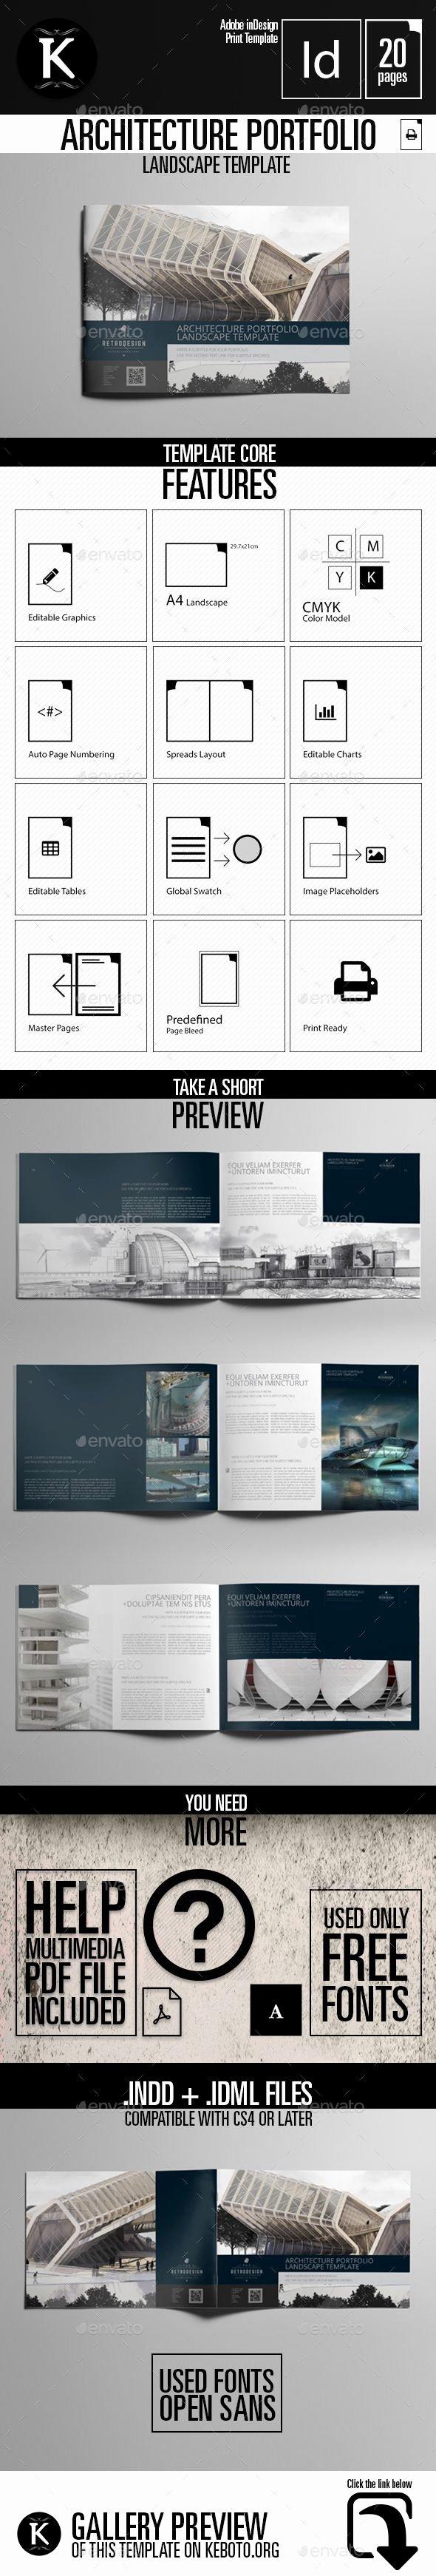 Architecture Portfolio Template Indesign Best Of Landscape Architecture Portfolio issuu Download Books